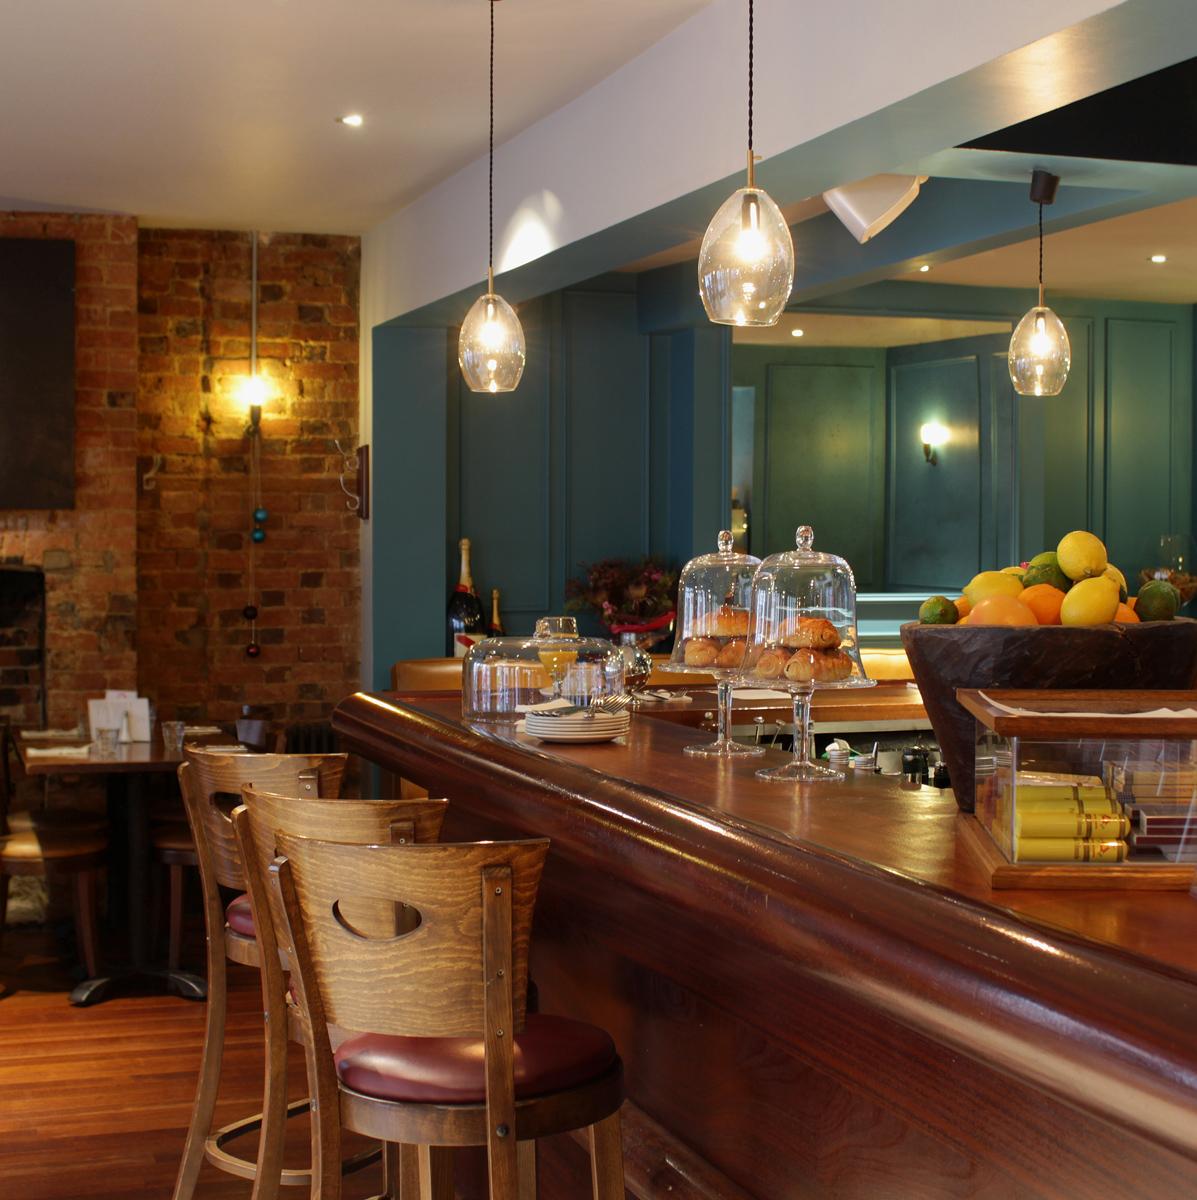 portabello_restaurant_designers_interior_architecture_oxford_rogue_designs_2